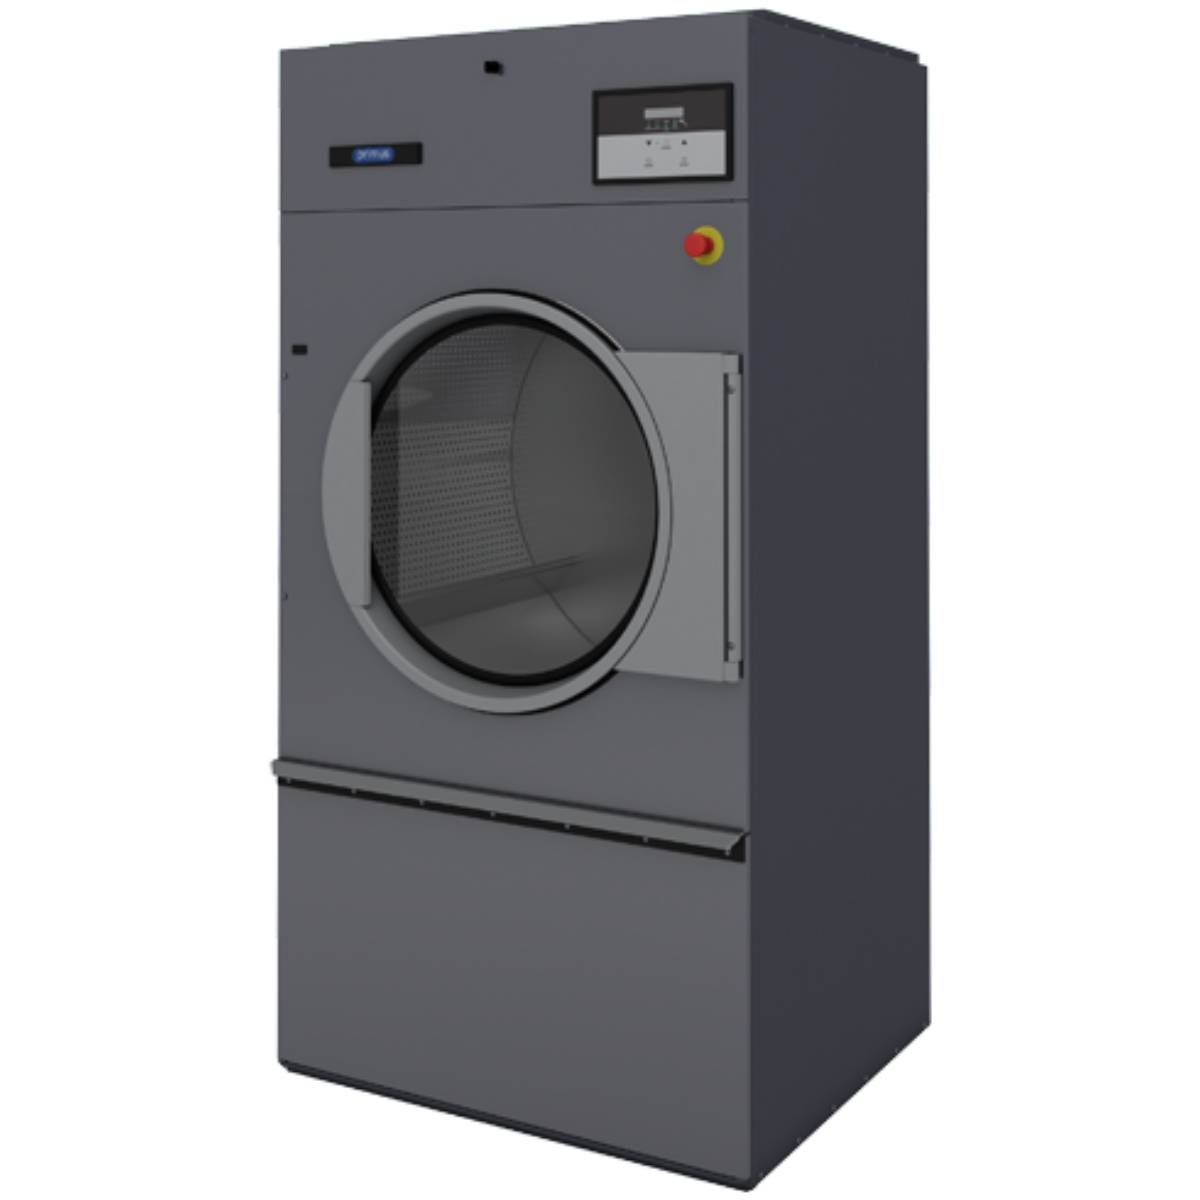 sušení prádla Dobrá prádelna